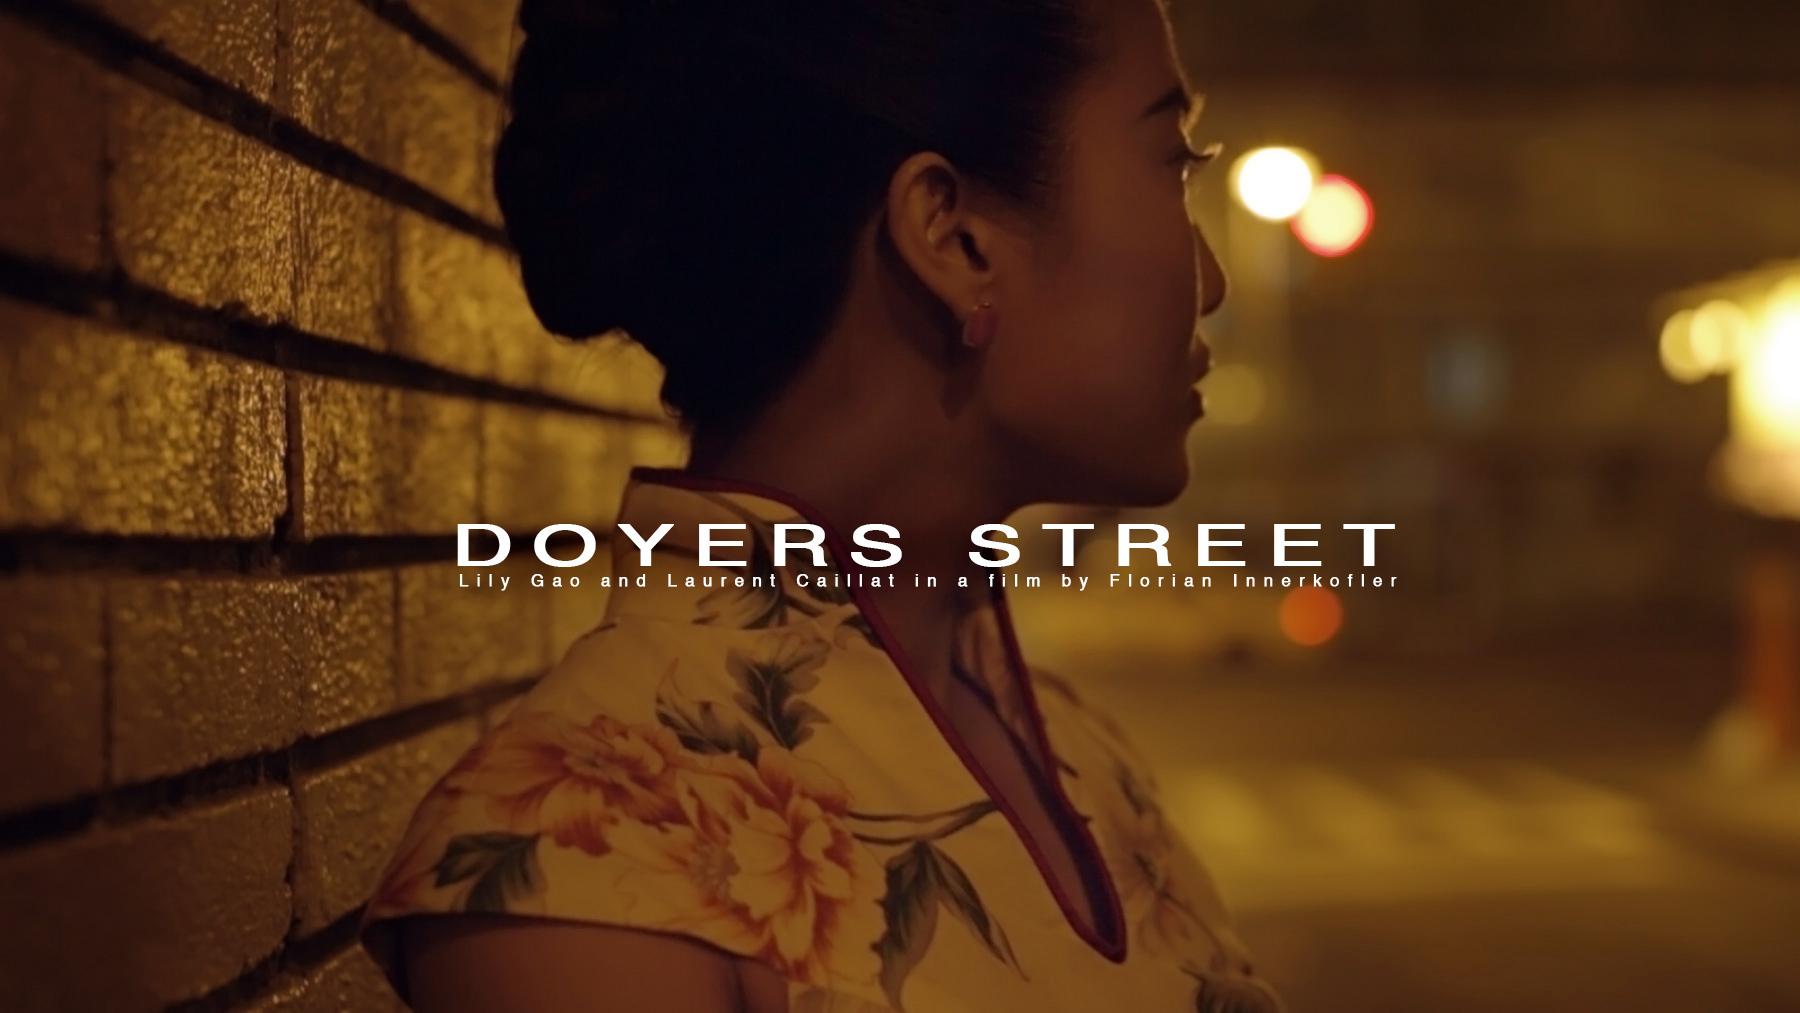 01 INNERKOFLER F DOYERS STREET.jpg